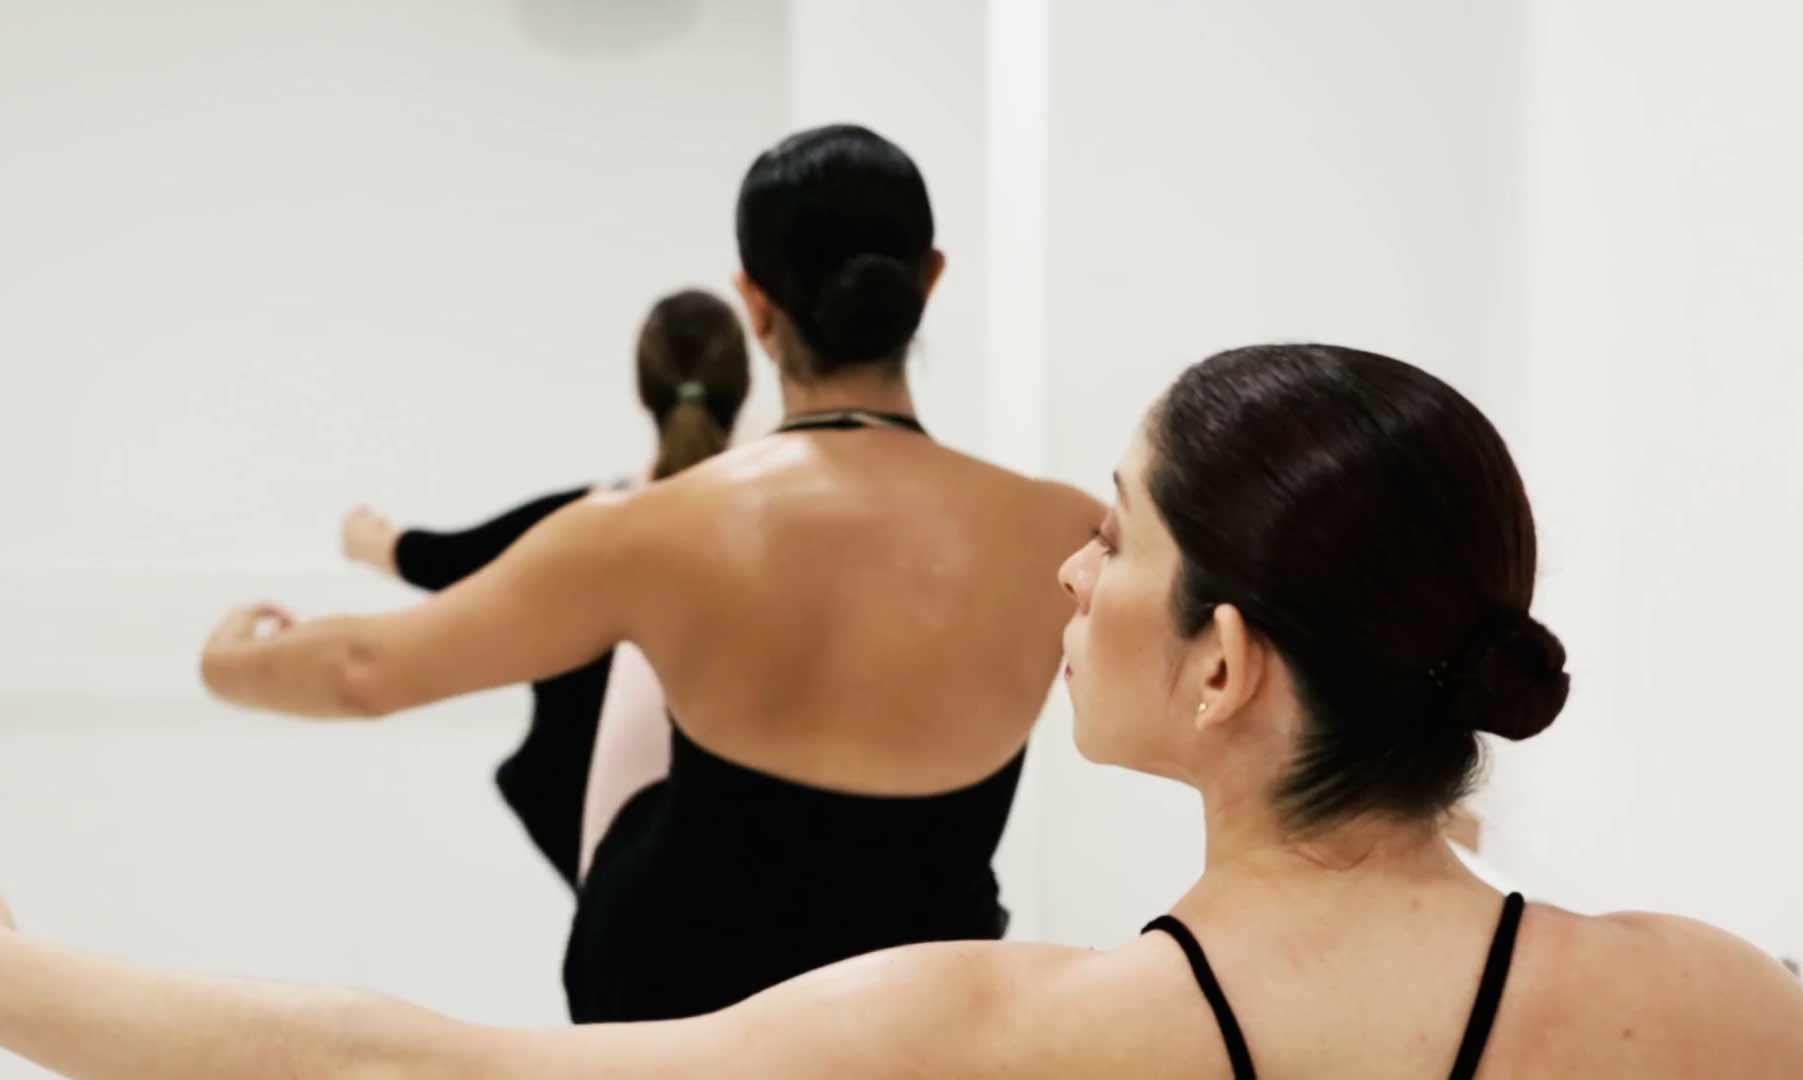 Clases de ballet en Sevilla Flamenco Danza (2)